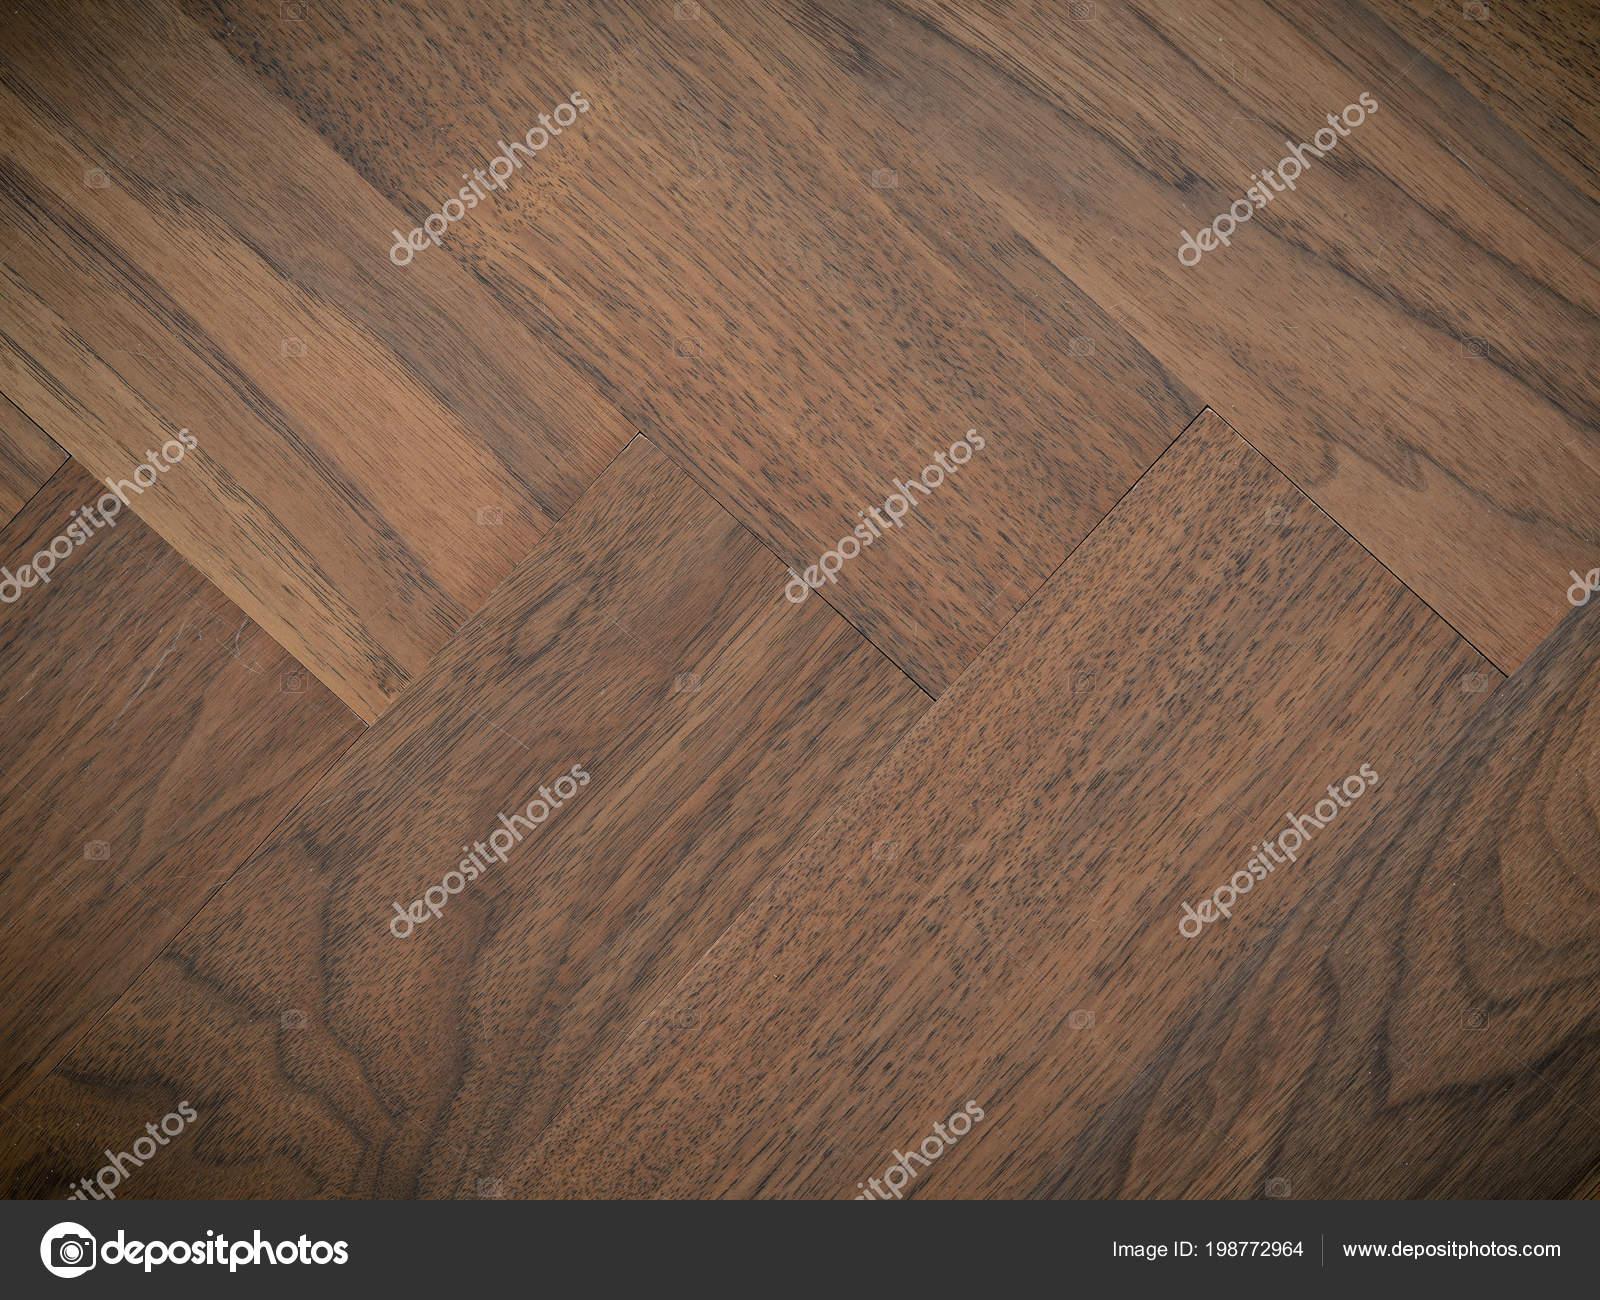 Textuur van een oude gebruikte walnoot visgraat vloer u2014 stockfoto